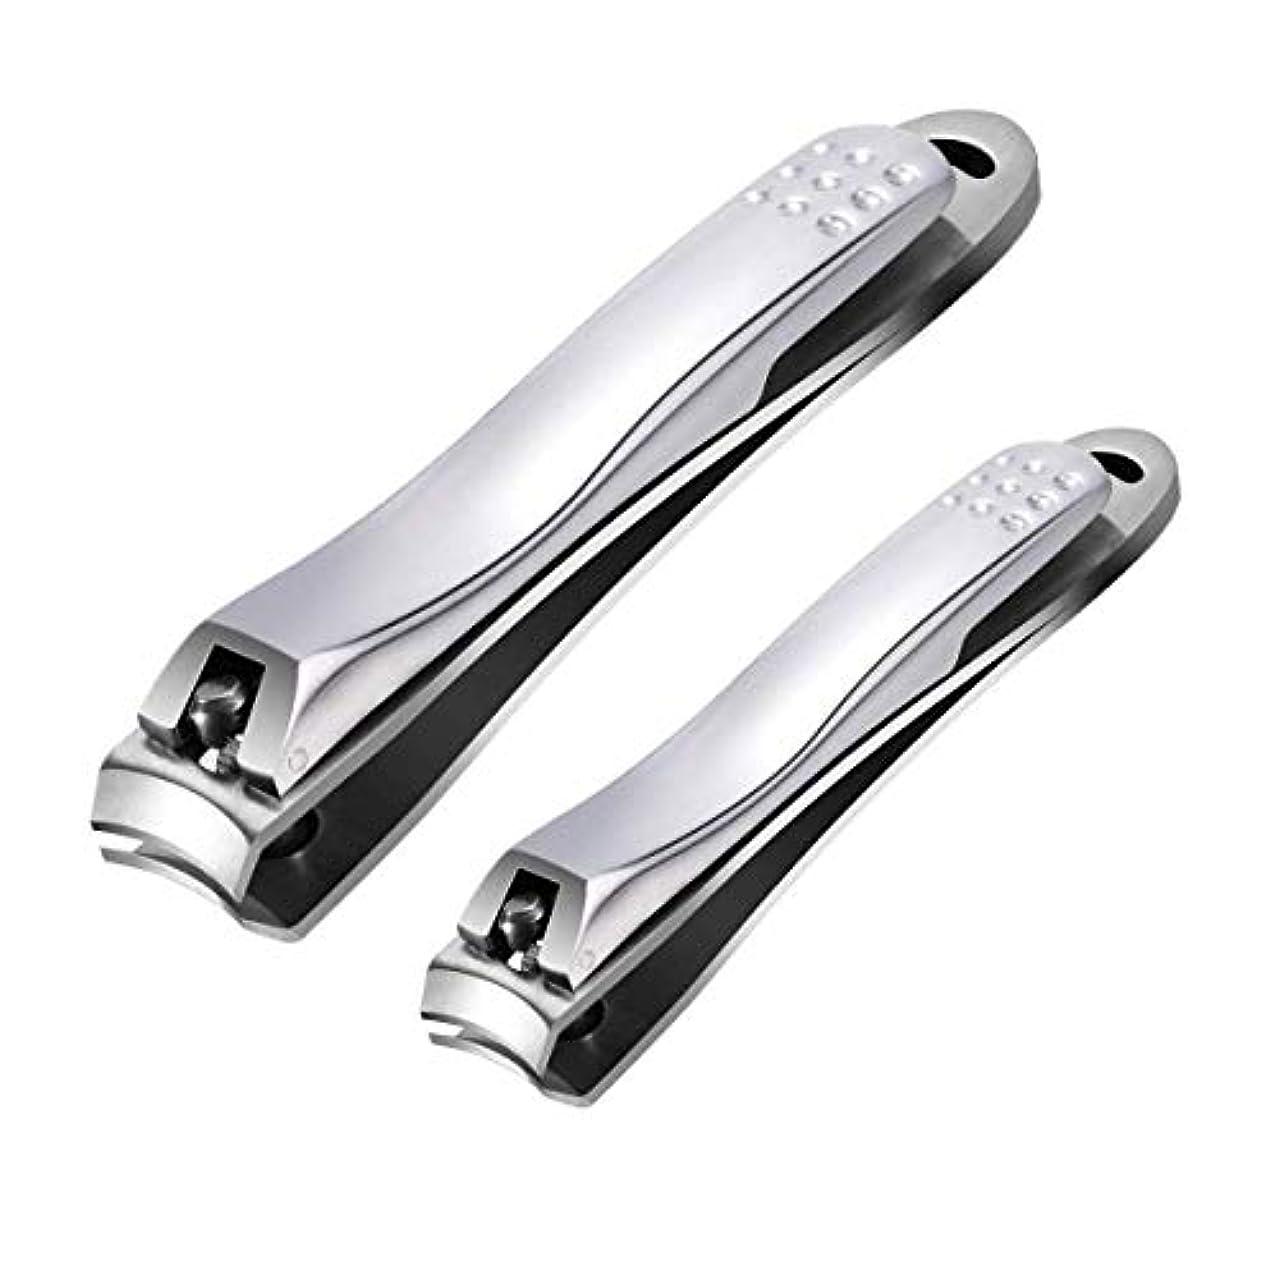 しつけハント遷移つめきり ステンレス製高級 爪切り 爪やすり付き 手足はがね ツメキリ 握りやすい スパット切れる レザーケース付き付属 (2サイズ)